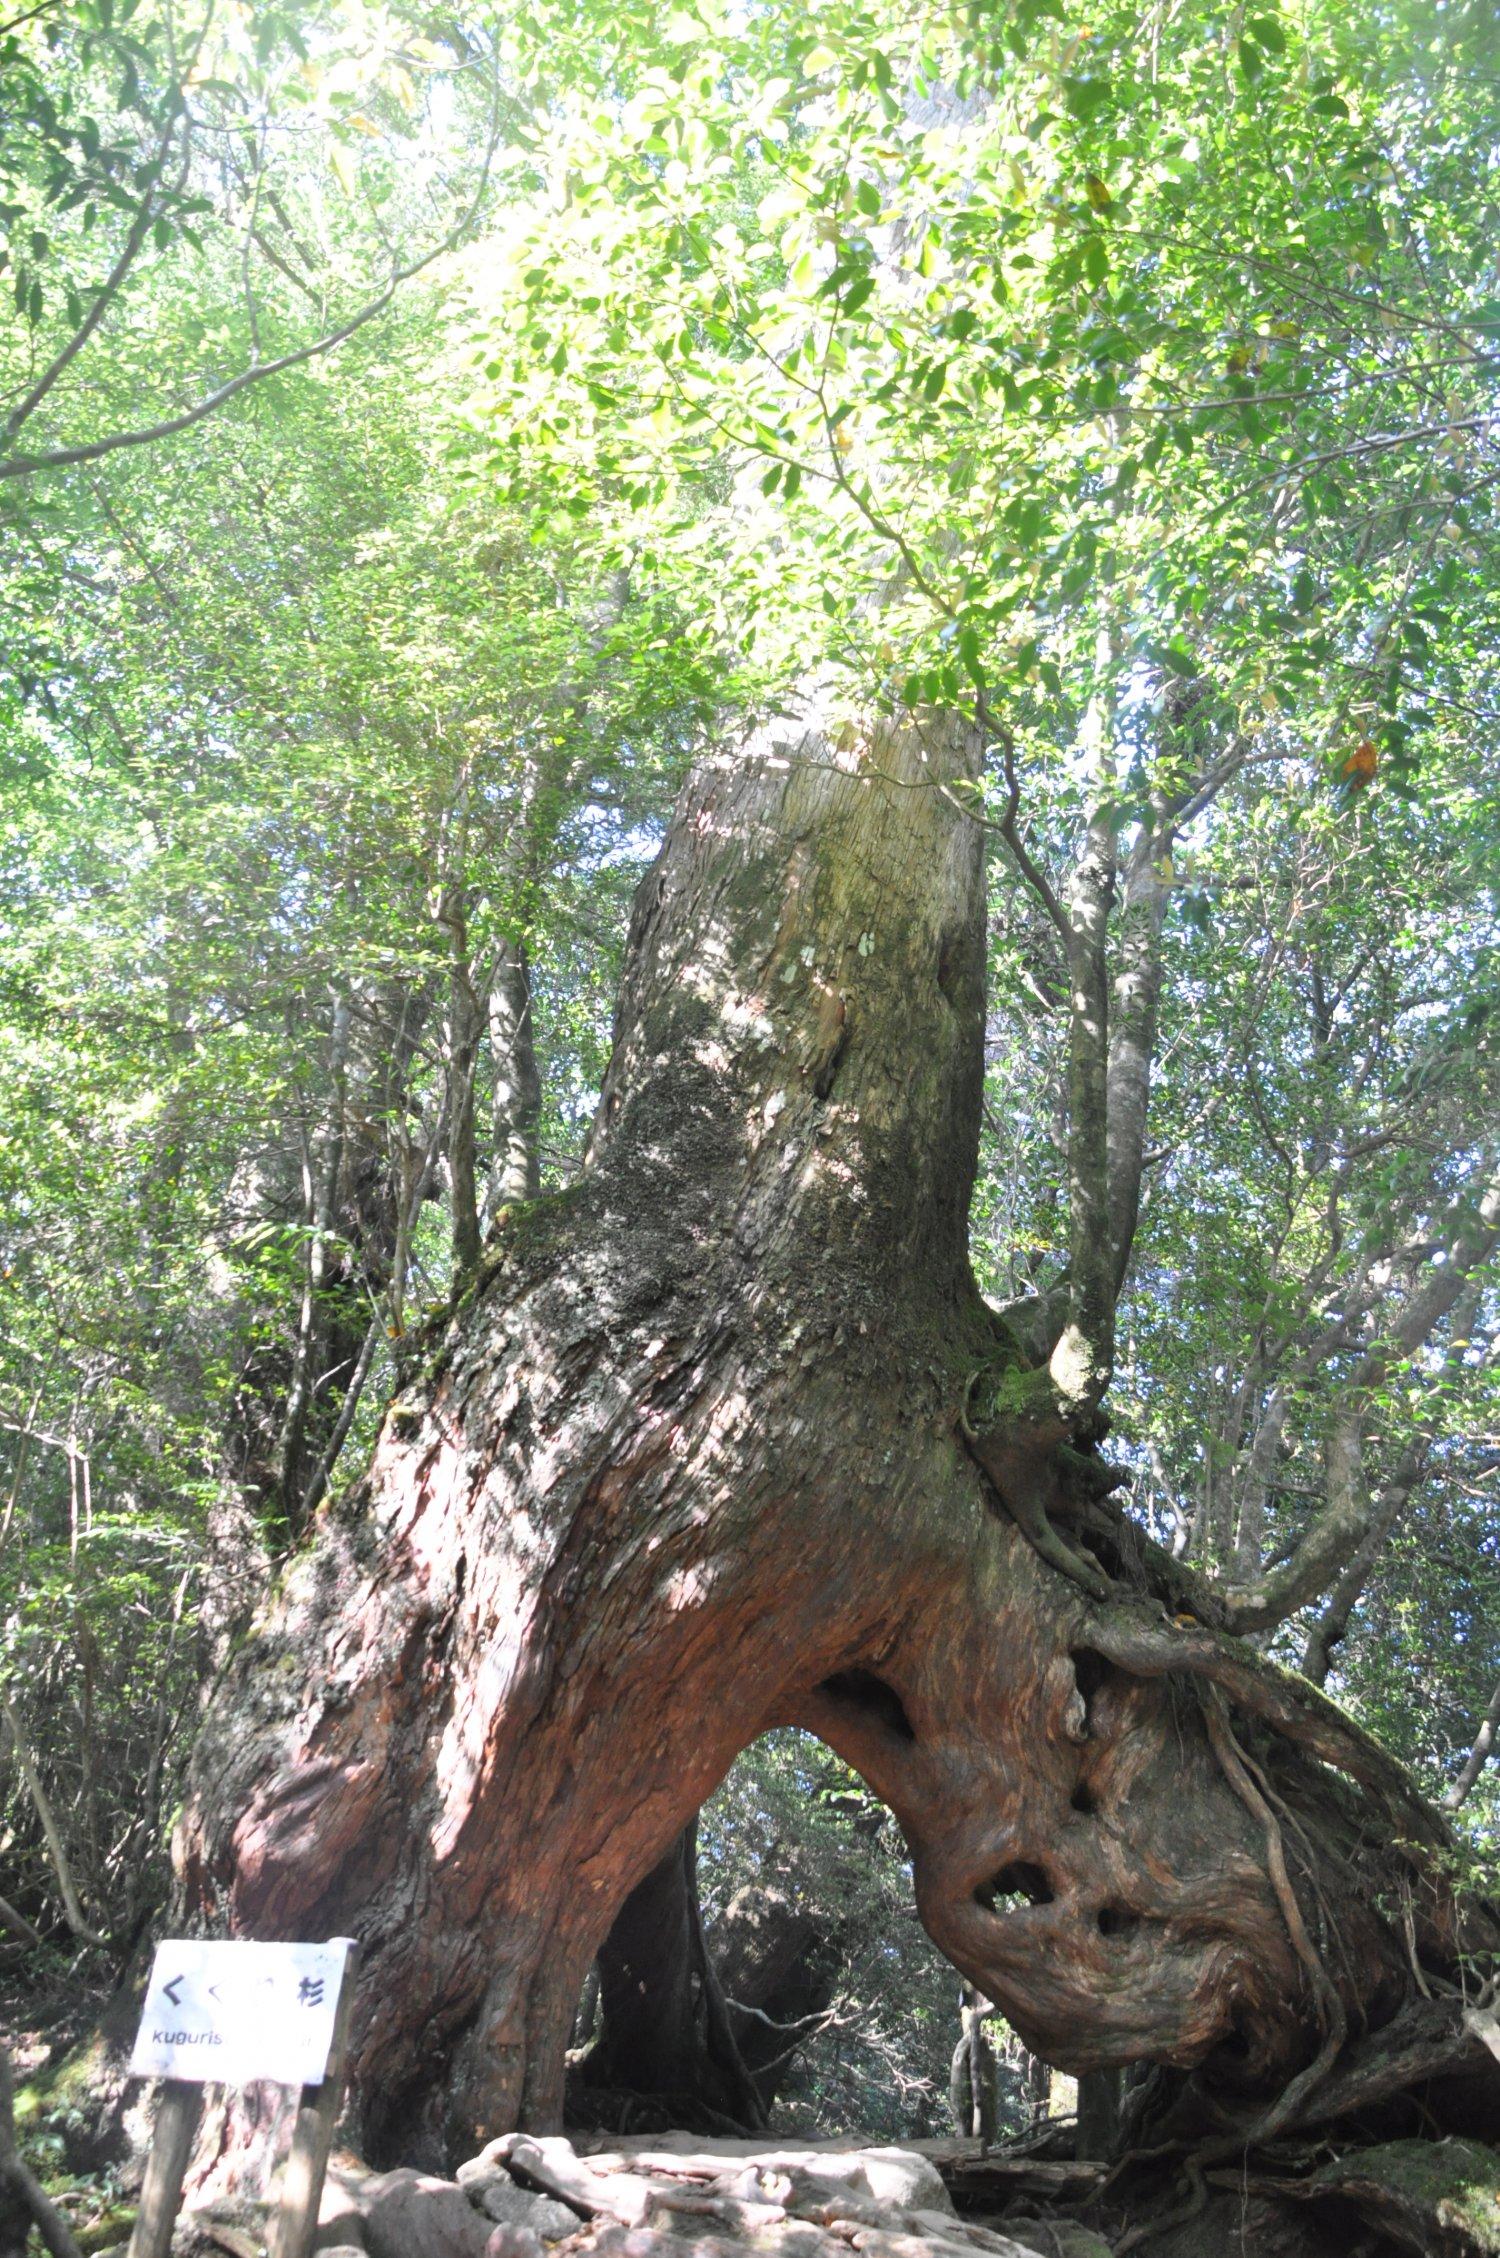 くぐり杉。ヤクスギは異形のために伐採を免れた側面もある。